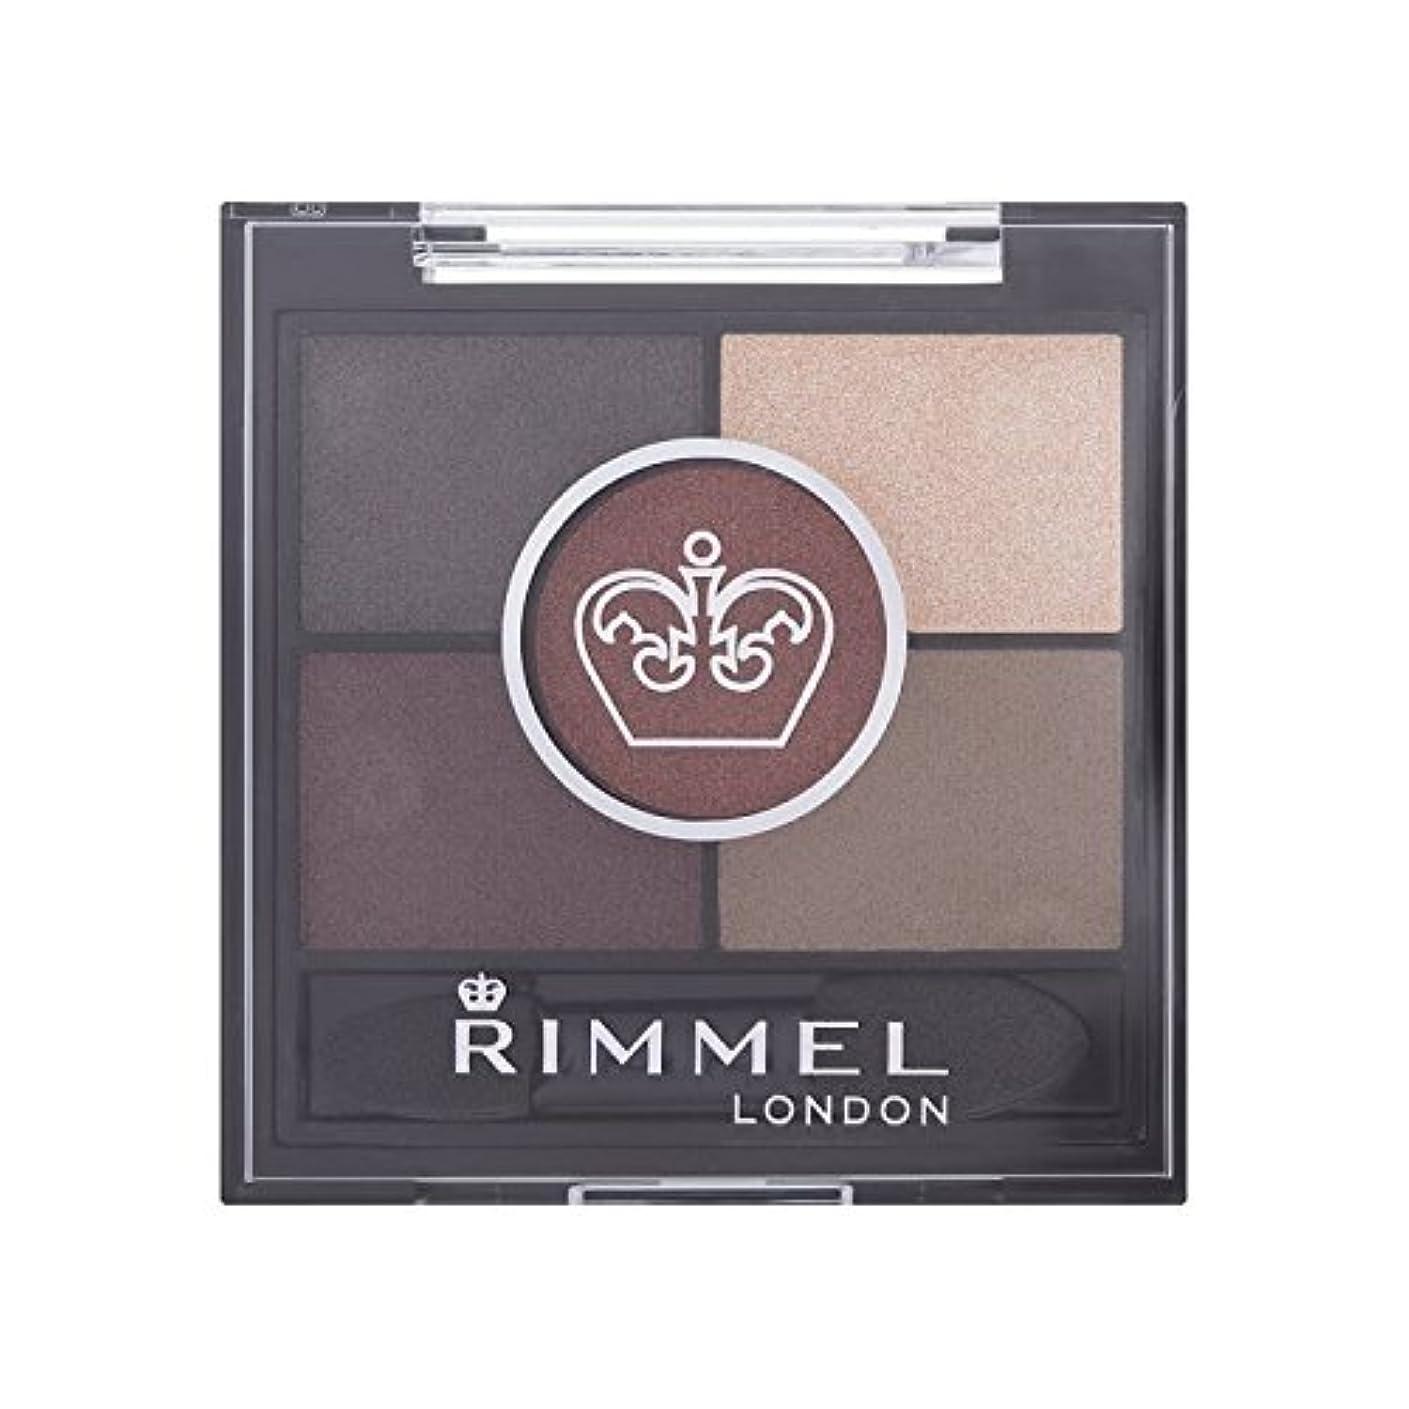 まともな主張シマウマ茶色のブリクストンリンメル5パンアイシャドウ x4 - Rimmel 5 Pan Eyeshadow Brixton Brown (Pack of 4) [並行輸入品]